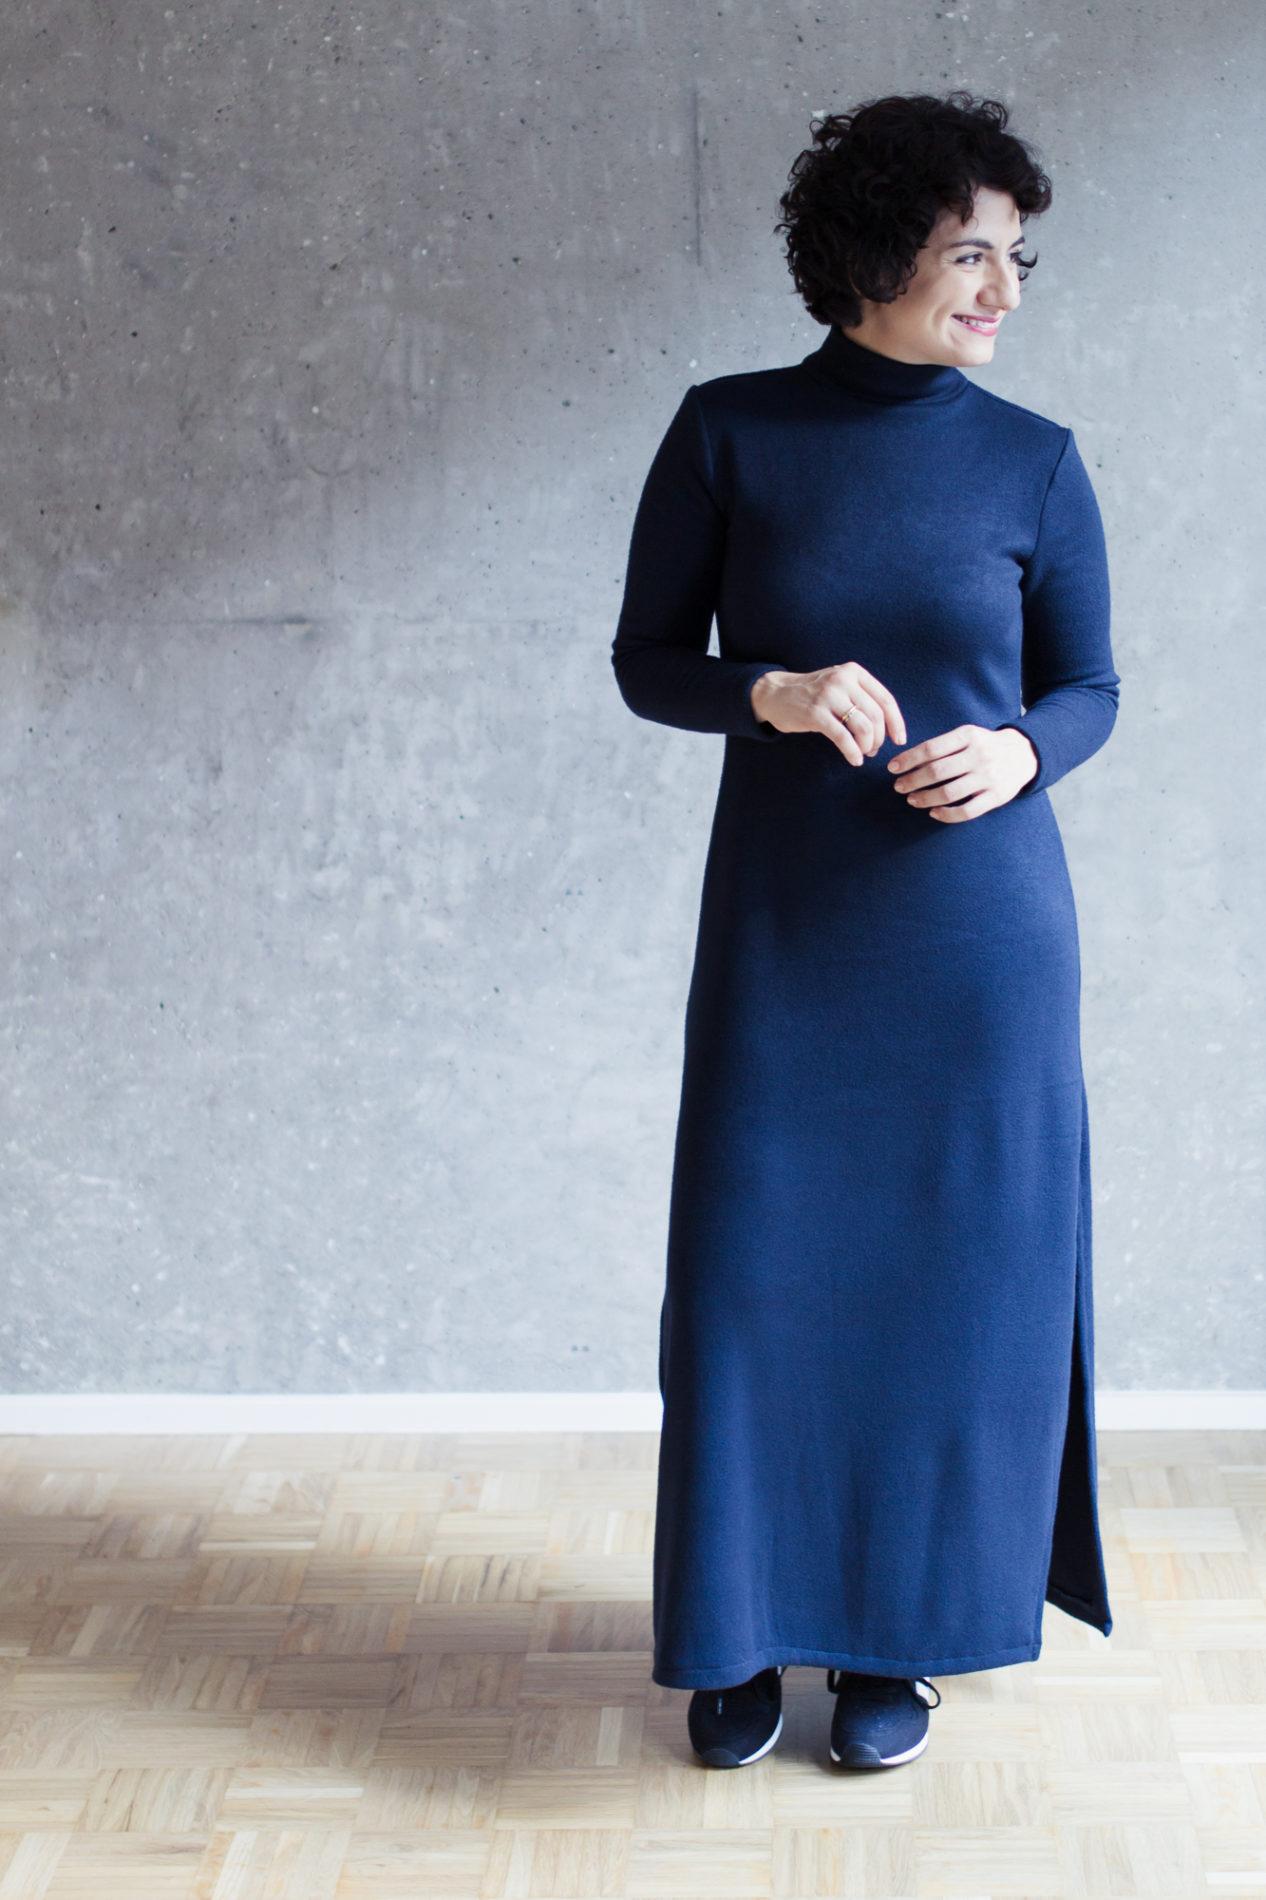 Modular Collection - Wardrobe Basics Schnittduett